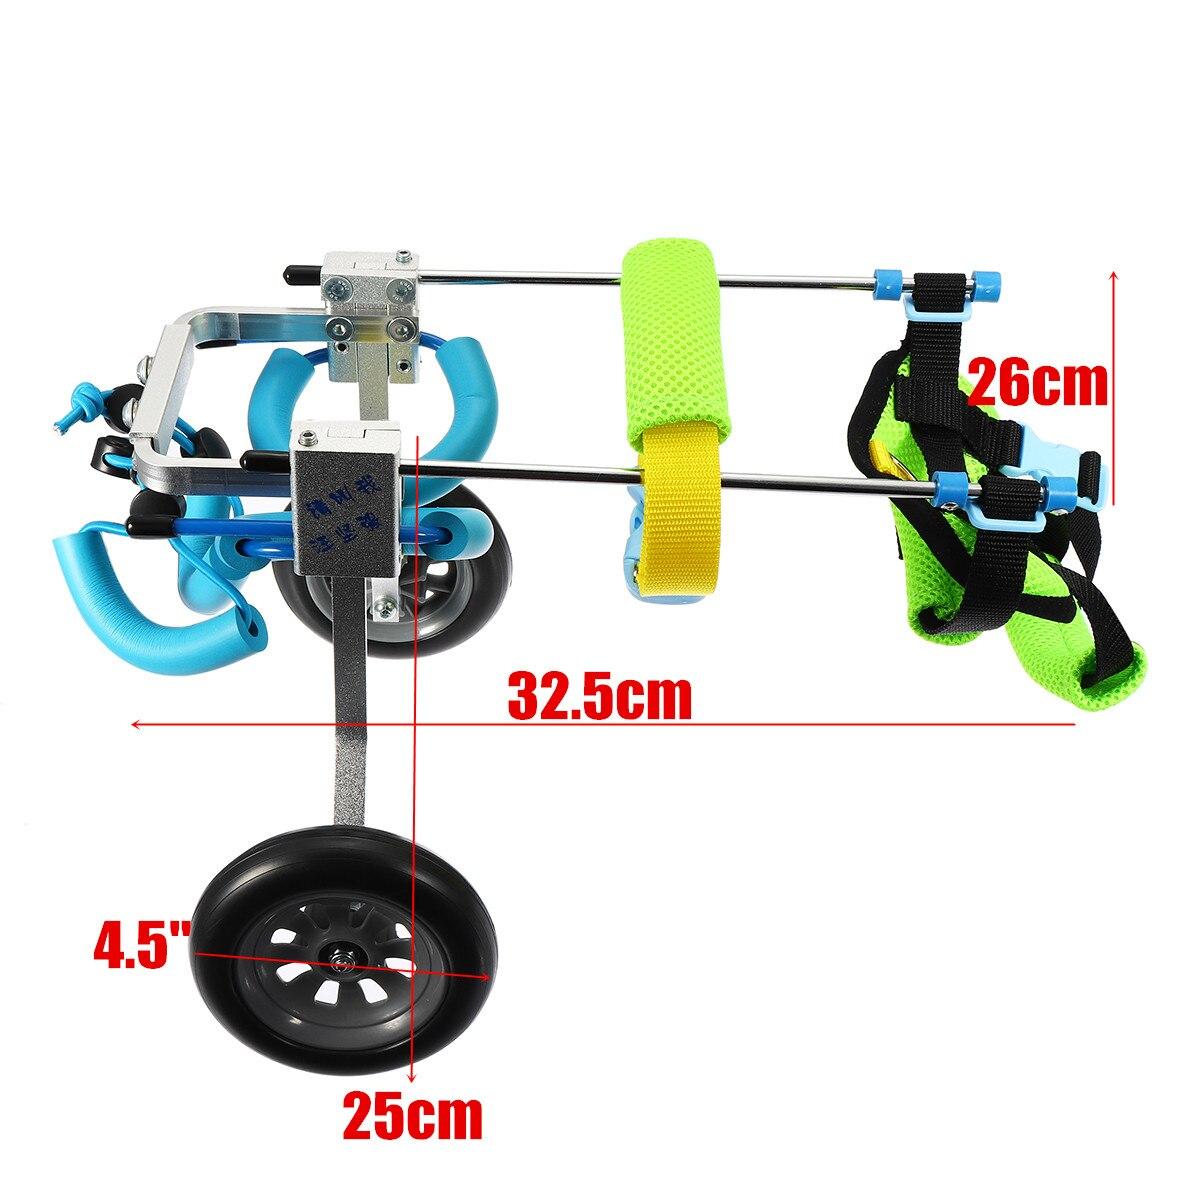 Kit de chariot de corde de Traction de marche fauteuil roulant d'animal familier pour le chien handicapé chien toutou chiot léger Portable ajusté accessoires retirés